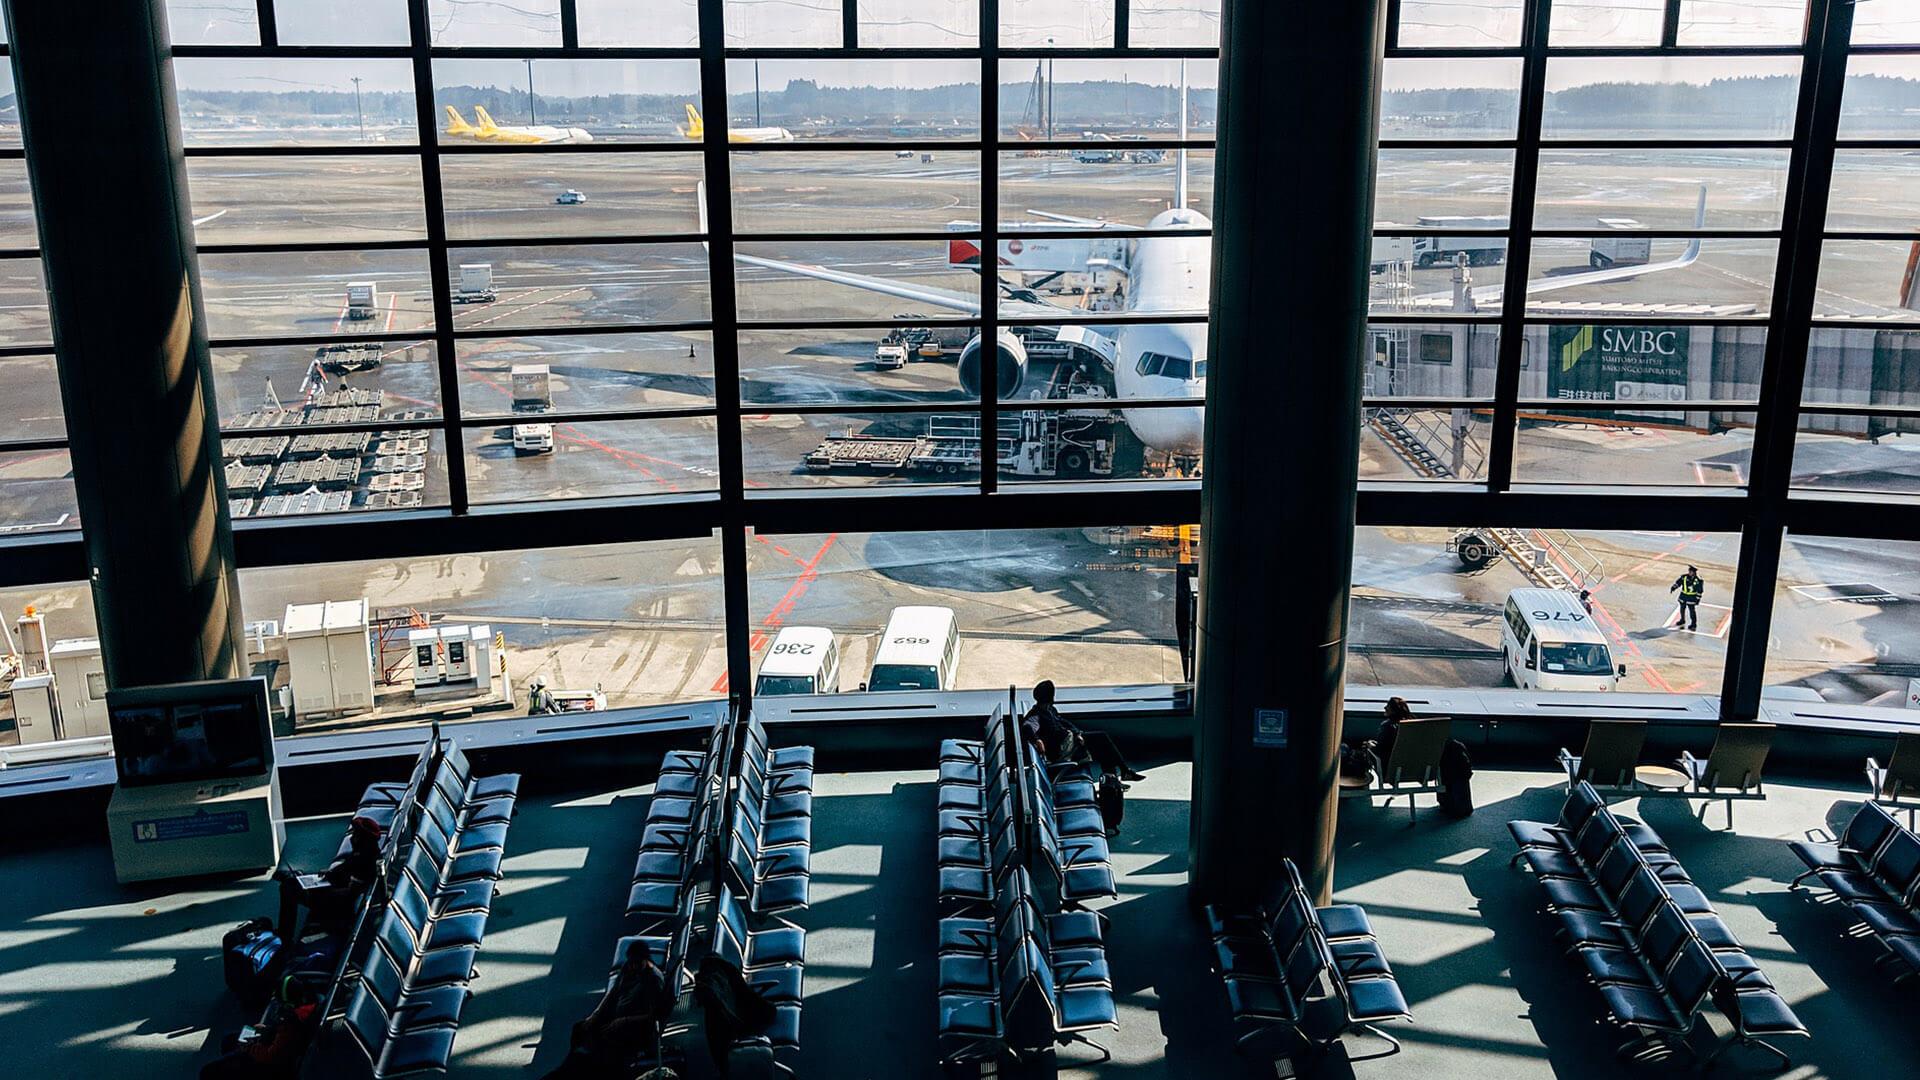 metropolitan airport